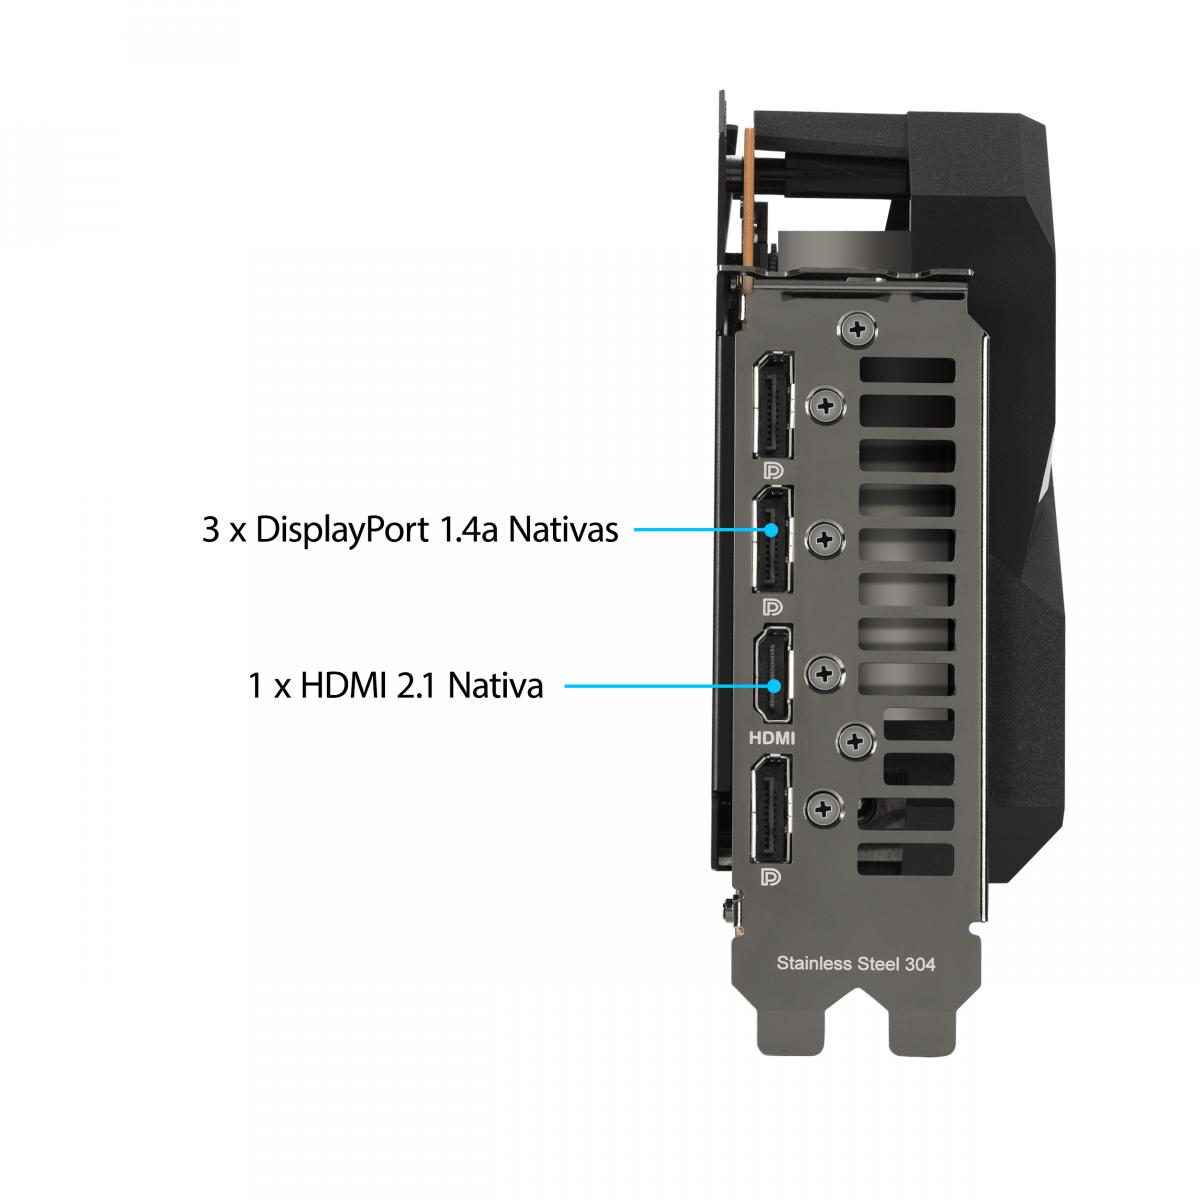 Placa de Vídeo Asus Radeon RX 6700 XT Dual, 12GB, GDDR6, 192-bit, DUAL-RX6700XT-12G